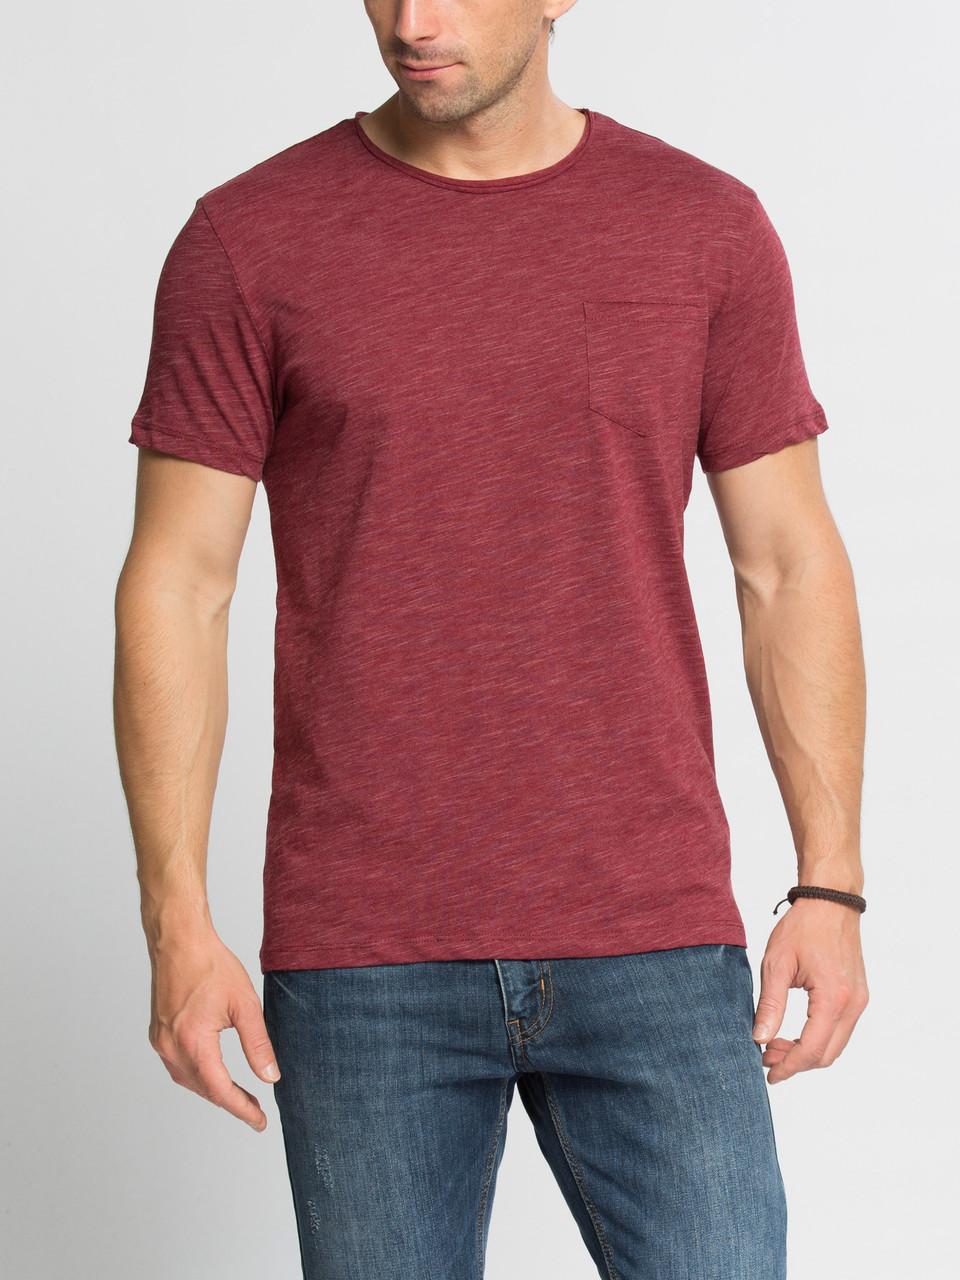 Бордовая мужская футболка Lc Waikiki / Лс Вайкики с карманом на груди